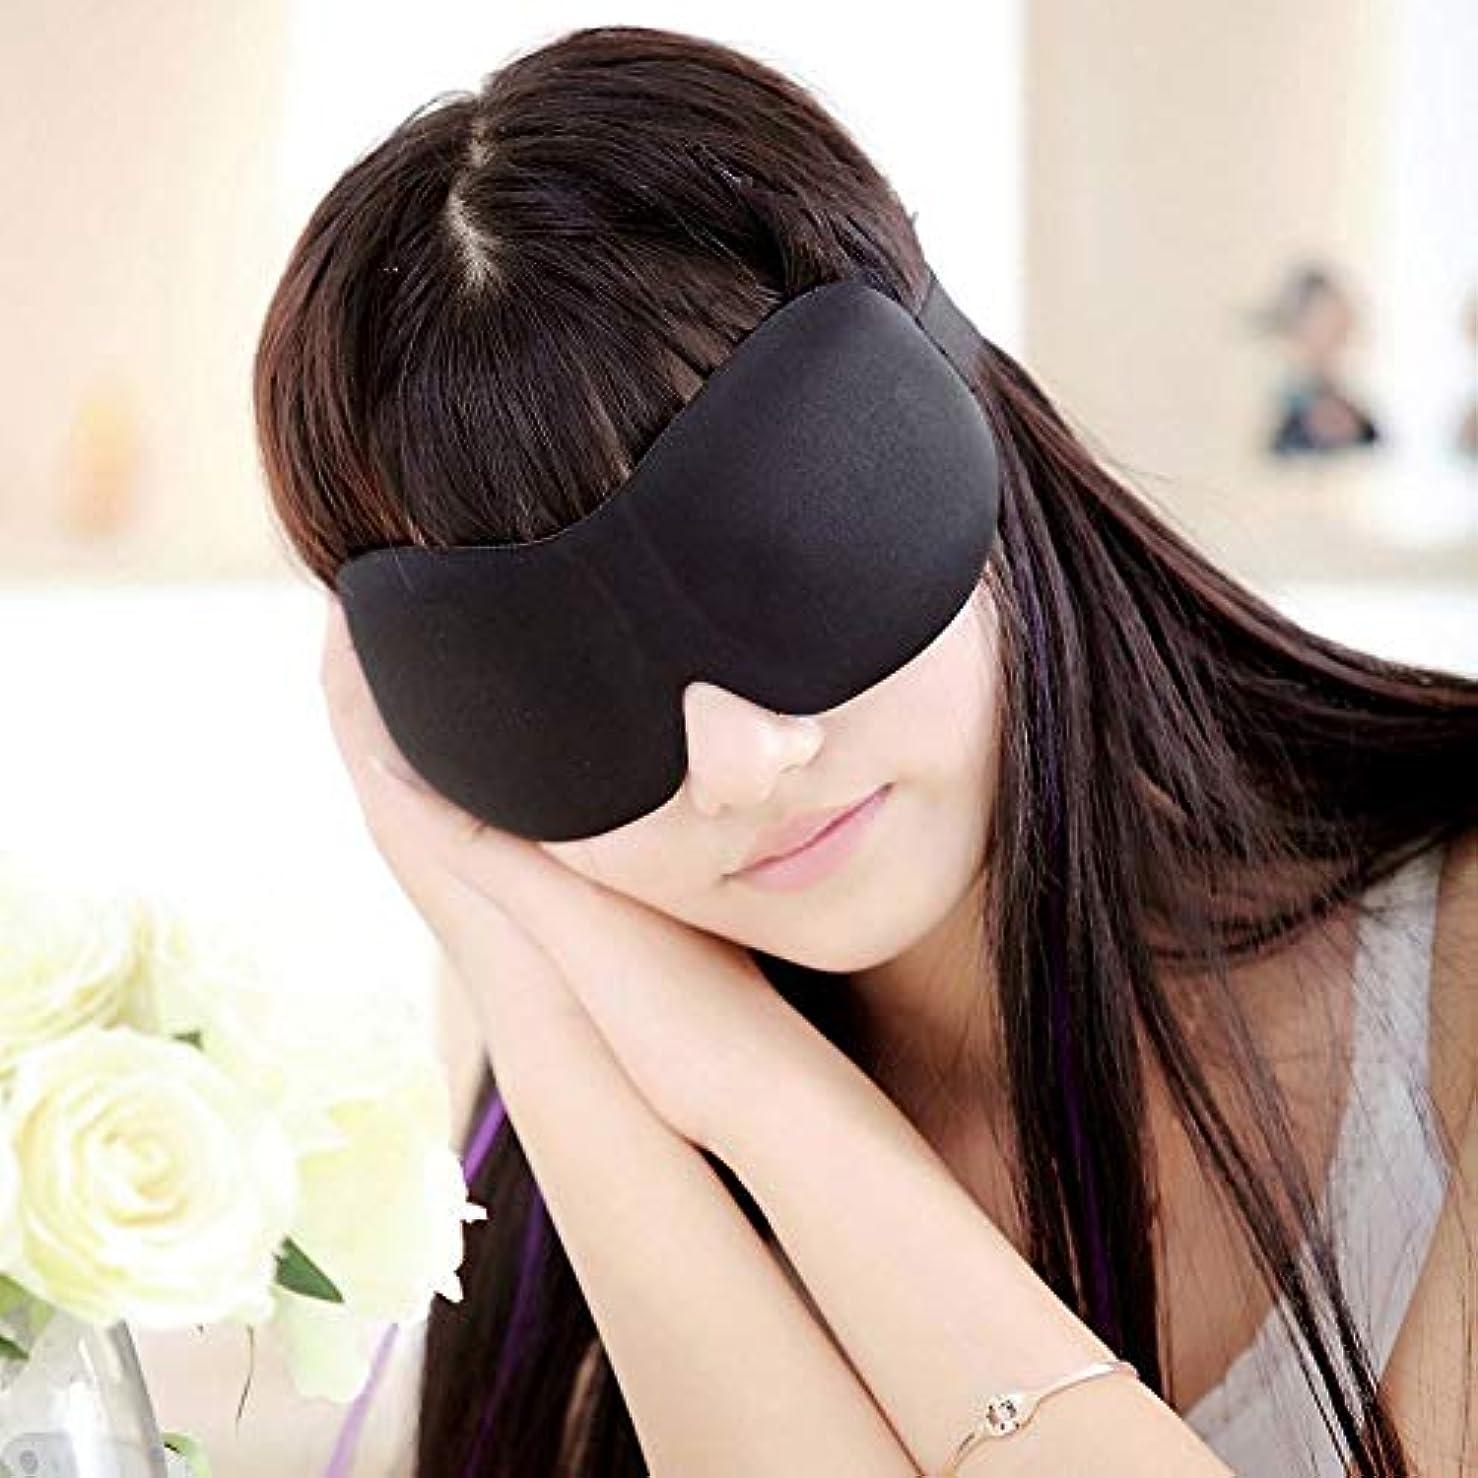 出来事アライメント陰気注新しい到着3 dアイシェード睡眠アイマスクシームレスソフト睡眠快適アイシェード